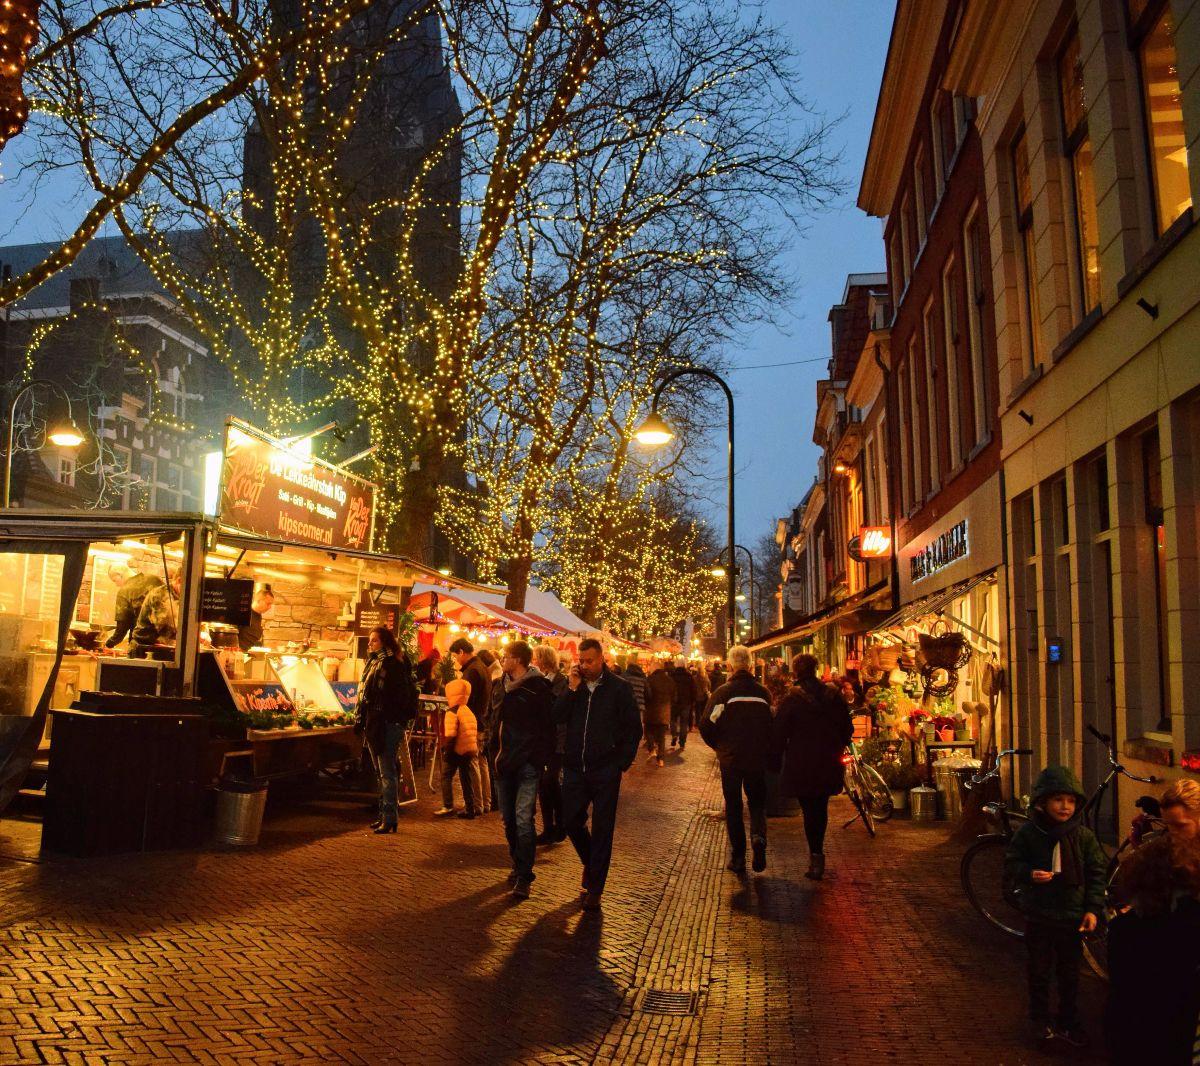 lichtjesavond delft 2016 lichtjesavond-delft-2016-1 kerstmarkt